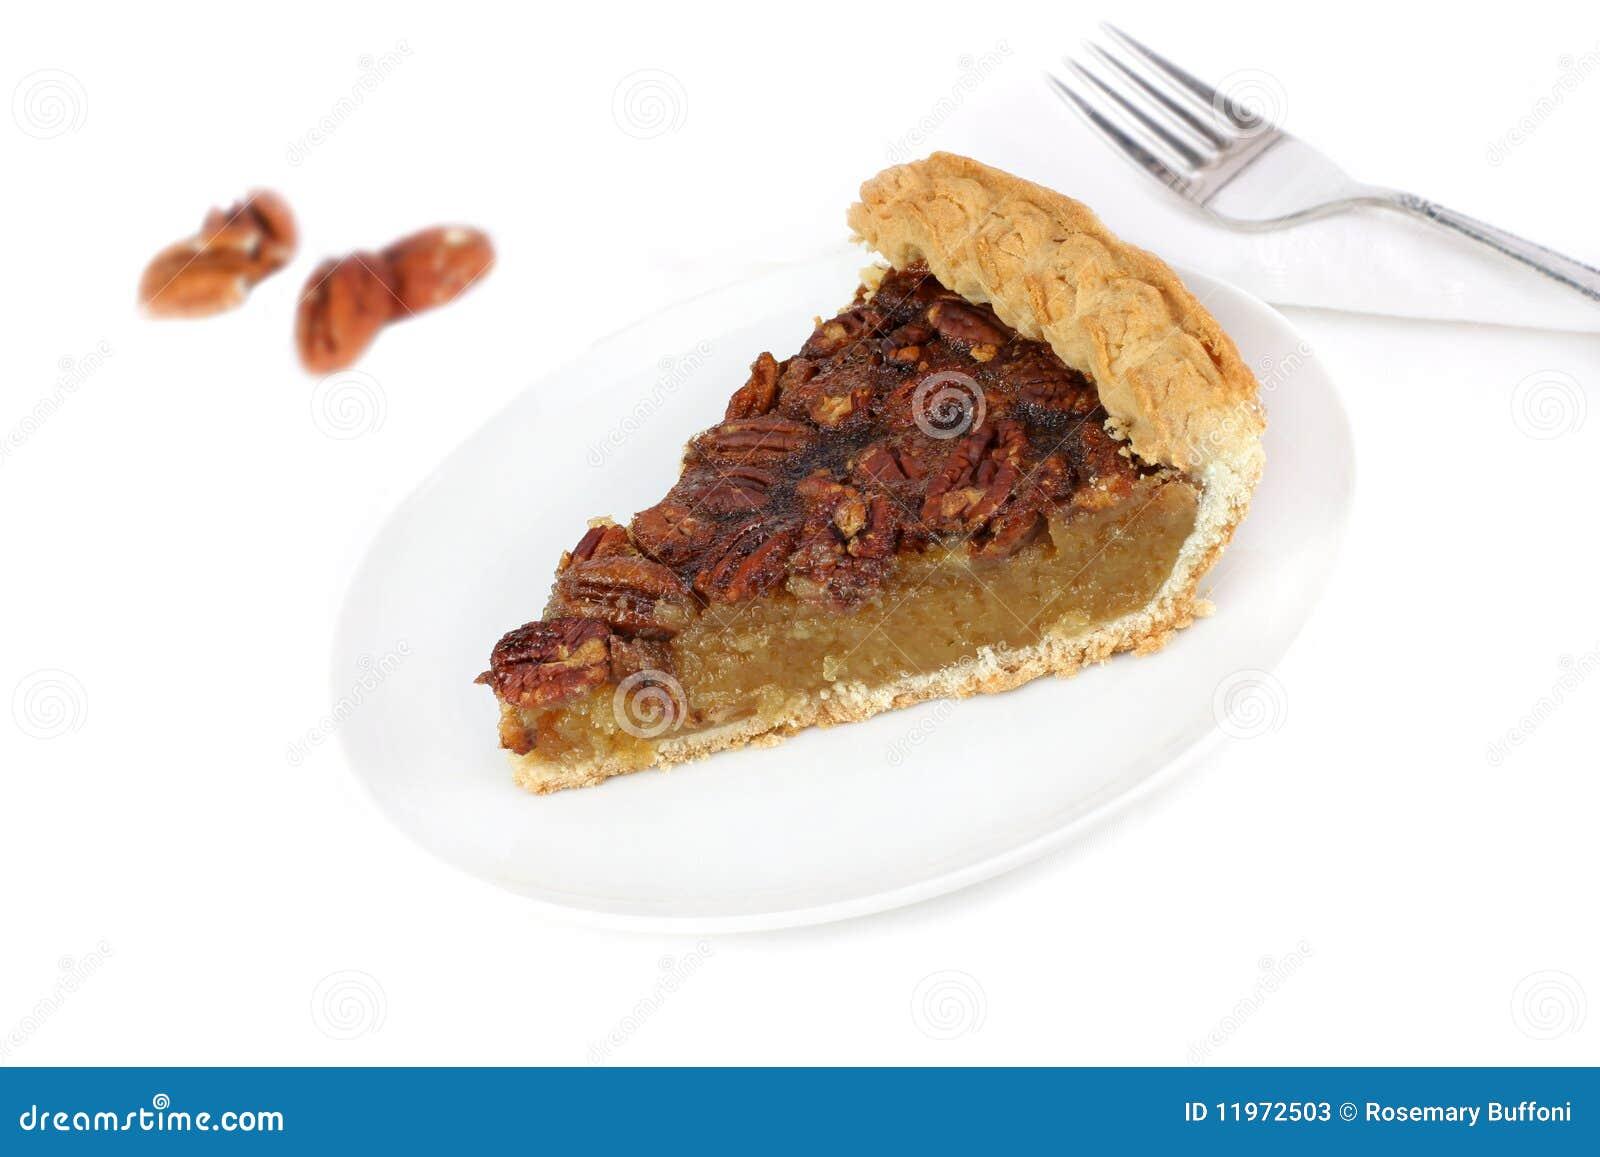 Pekannuss-Torte-Scheibe auf weißem Hintergrund